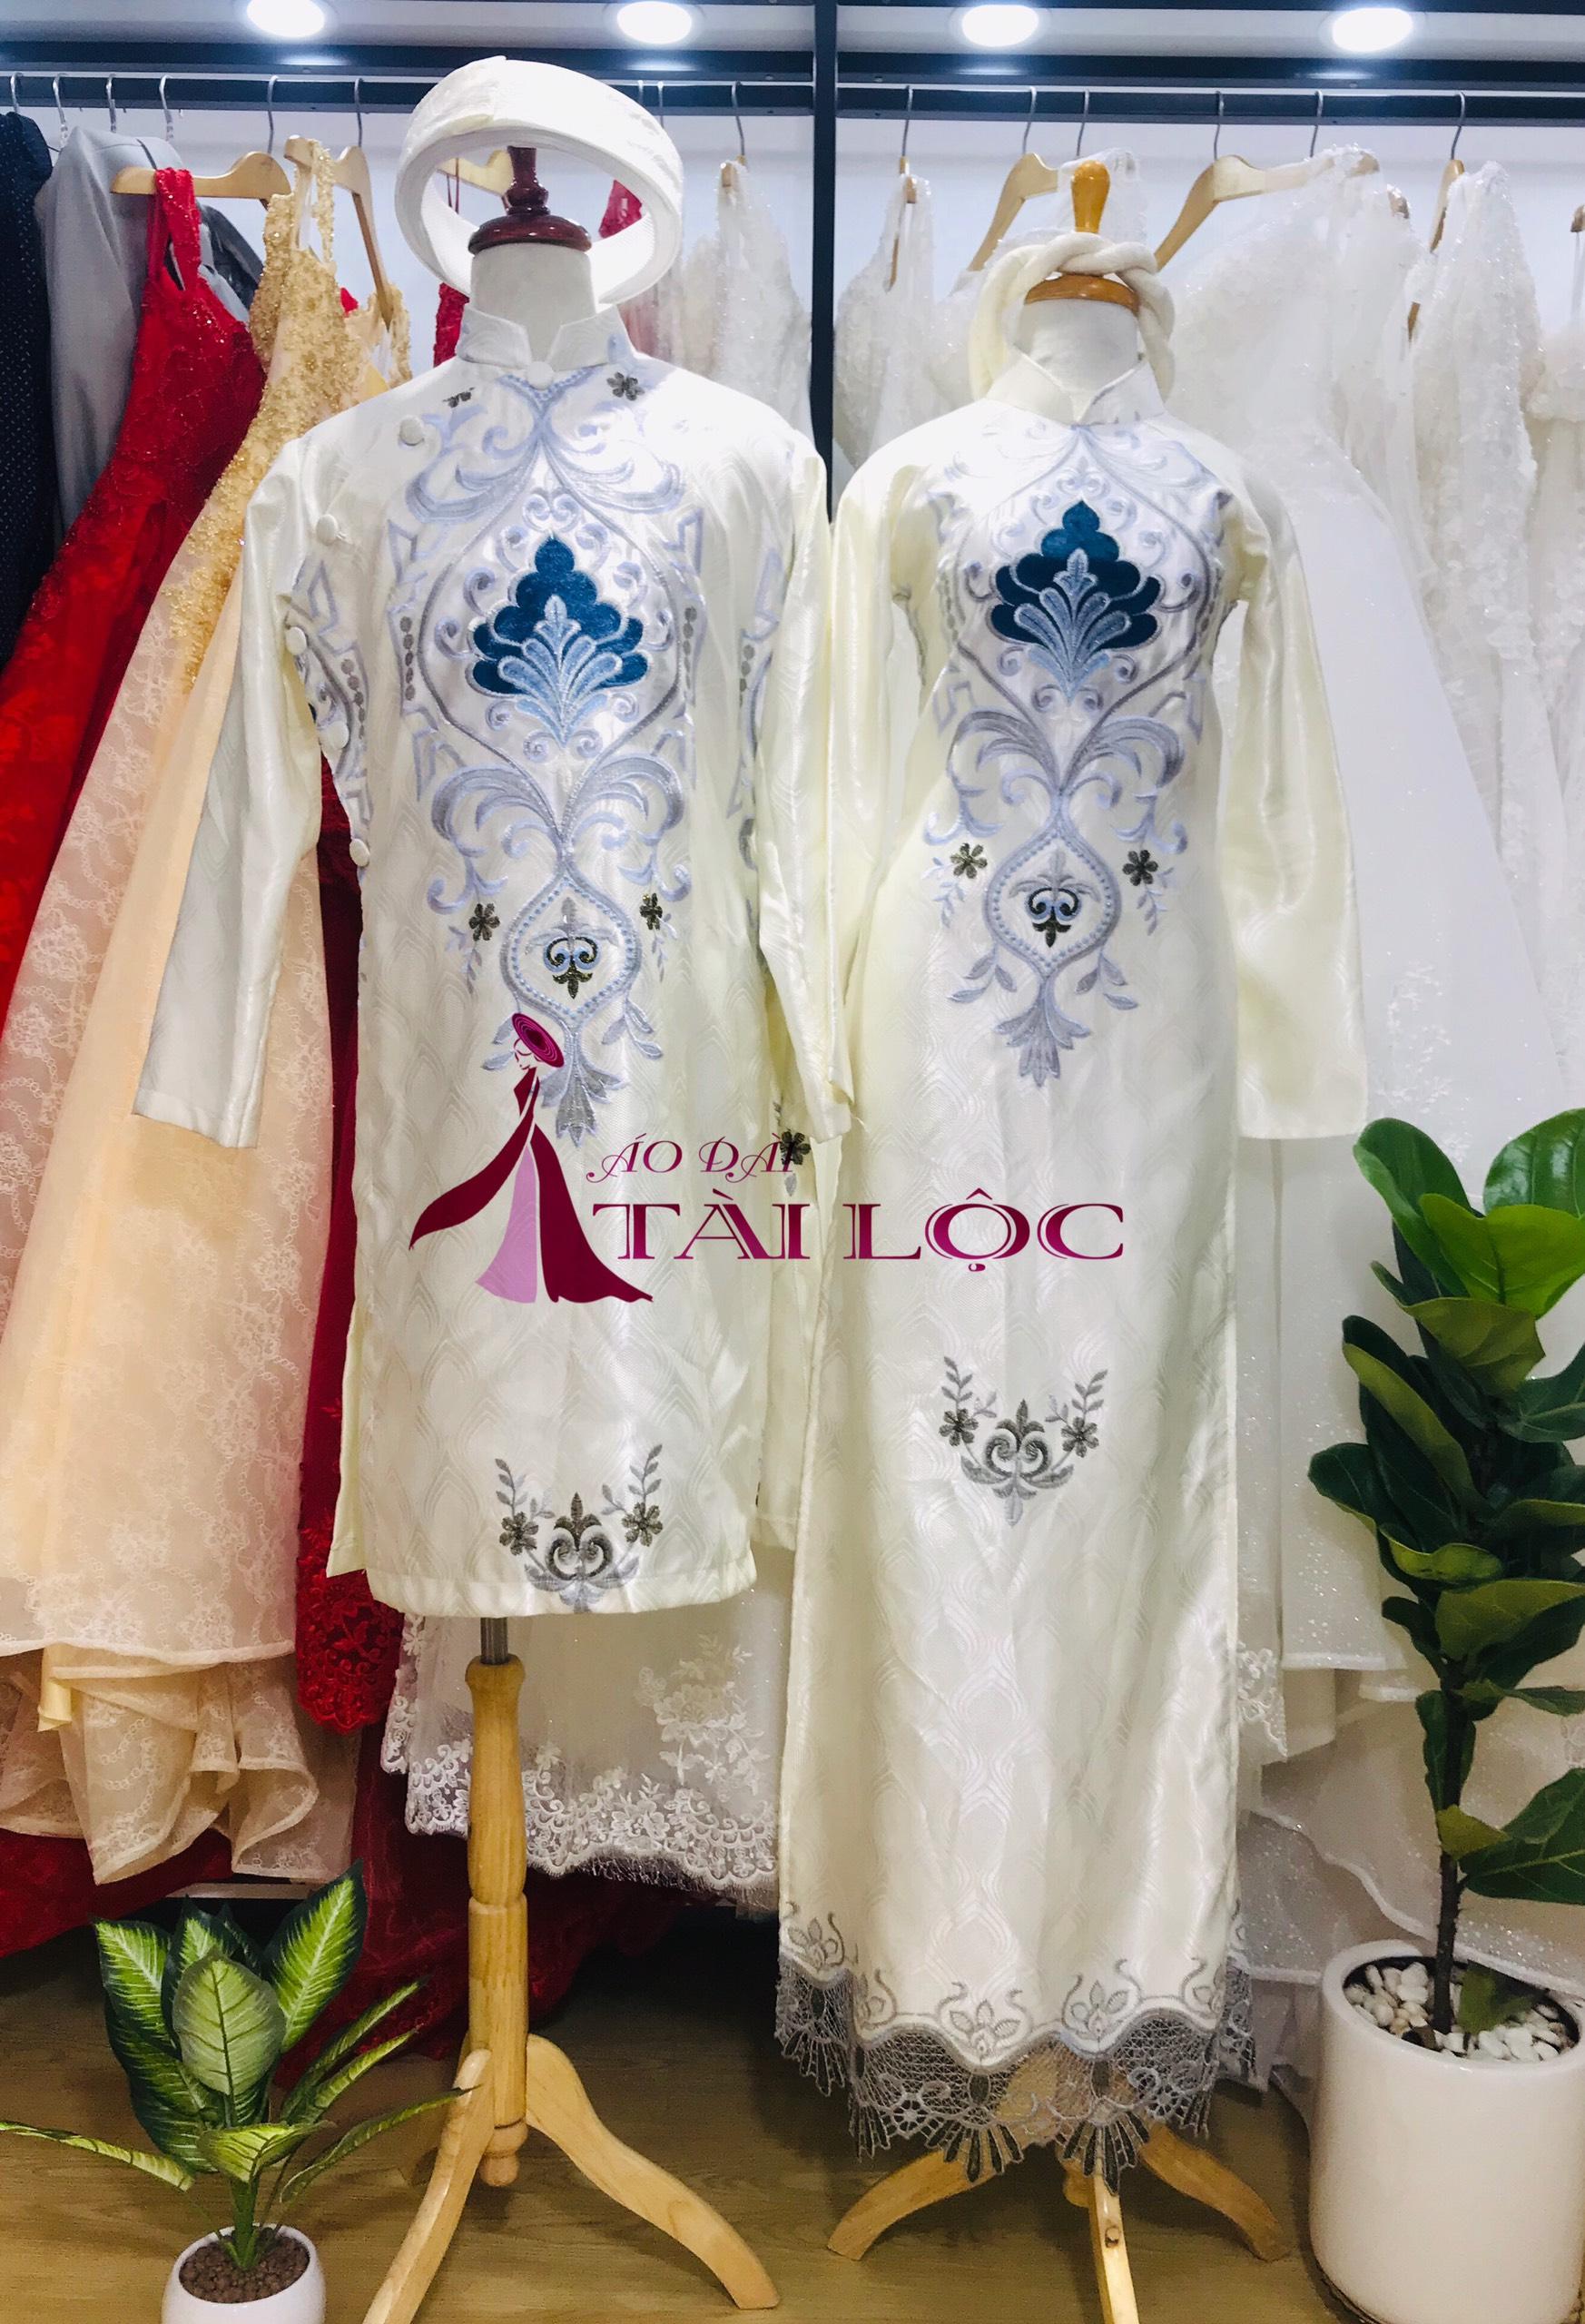 Thuê áo dài cặp màu trắng nam nữ